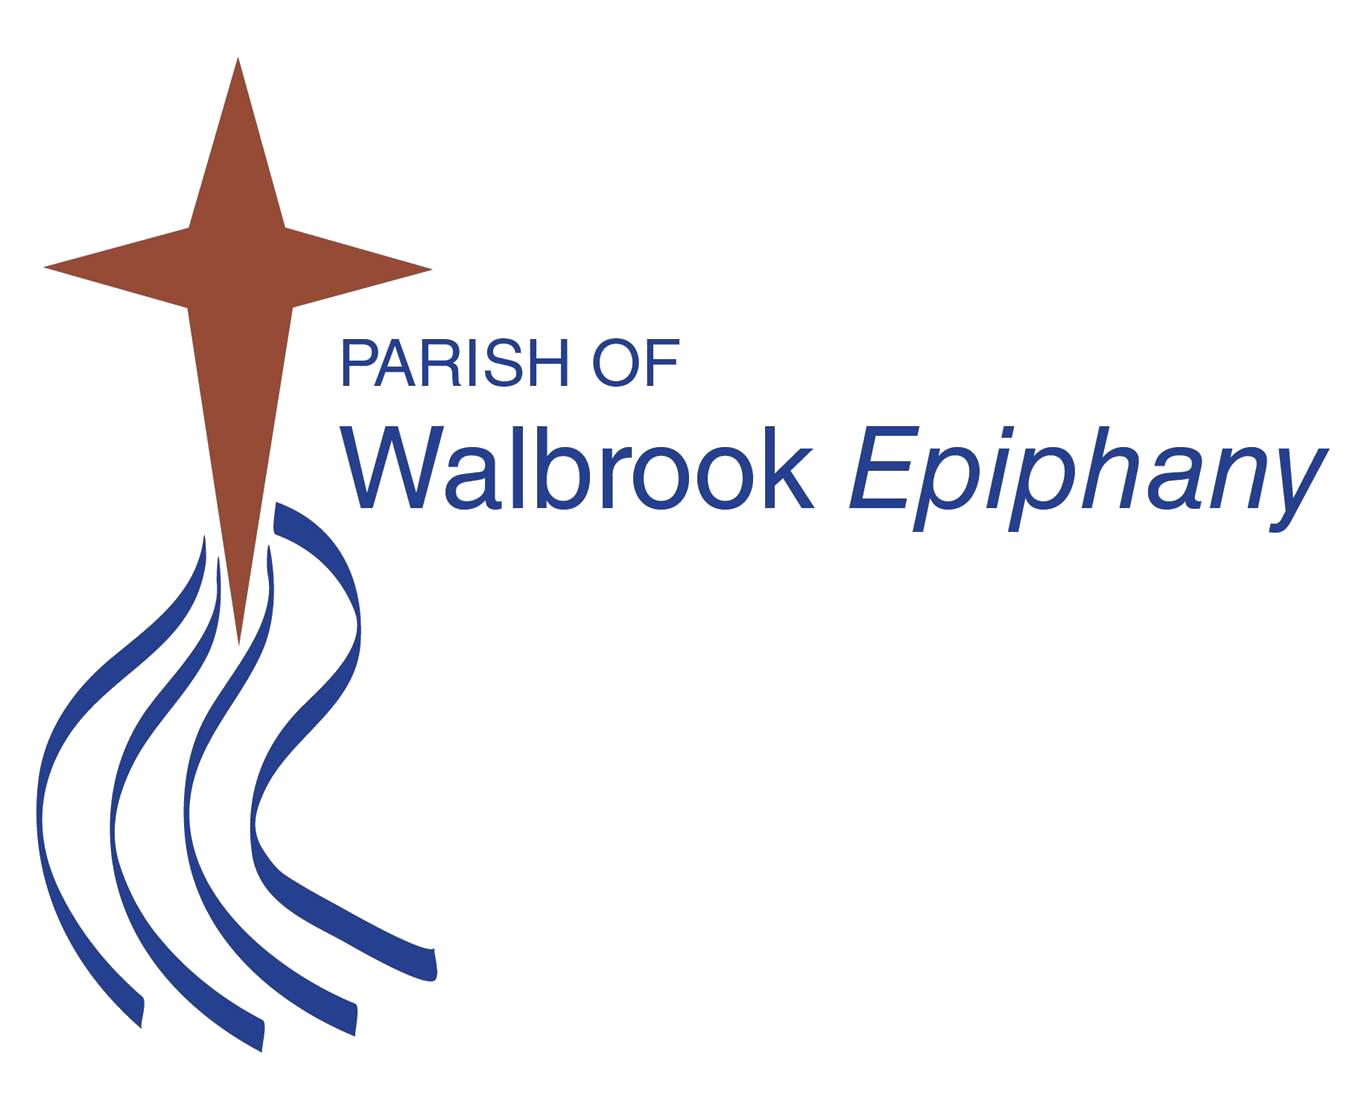 Walbrook Epiphany